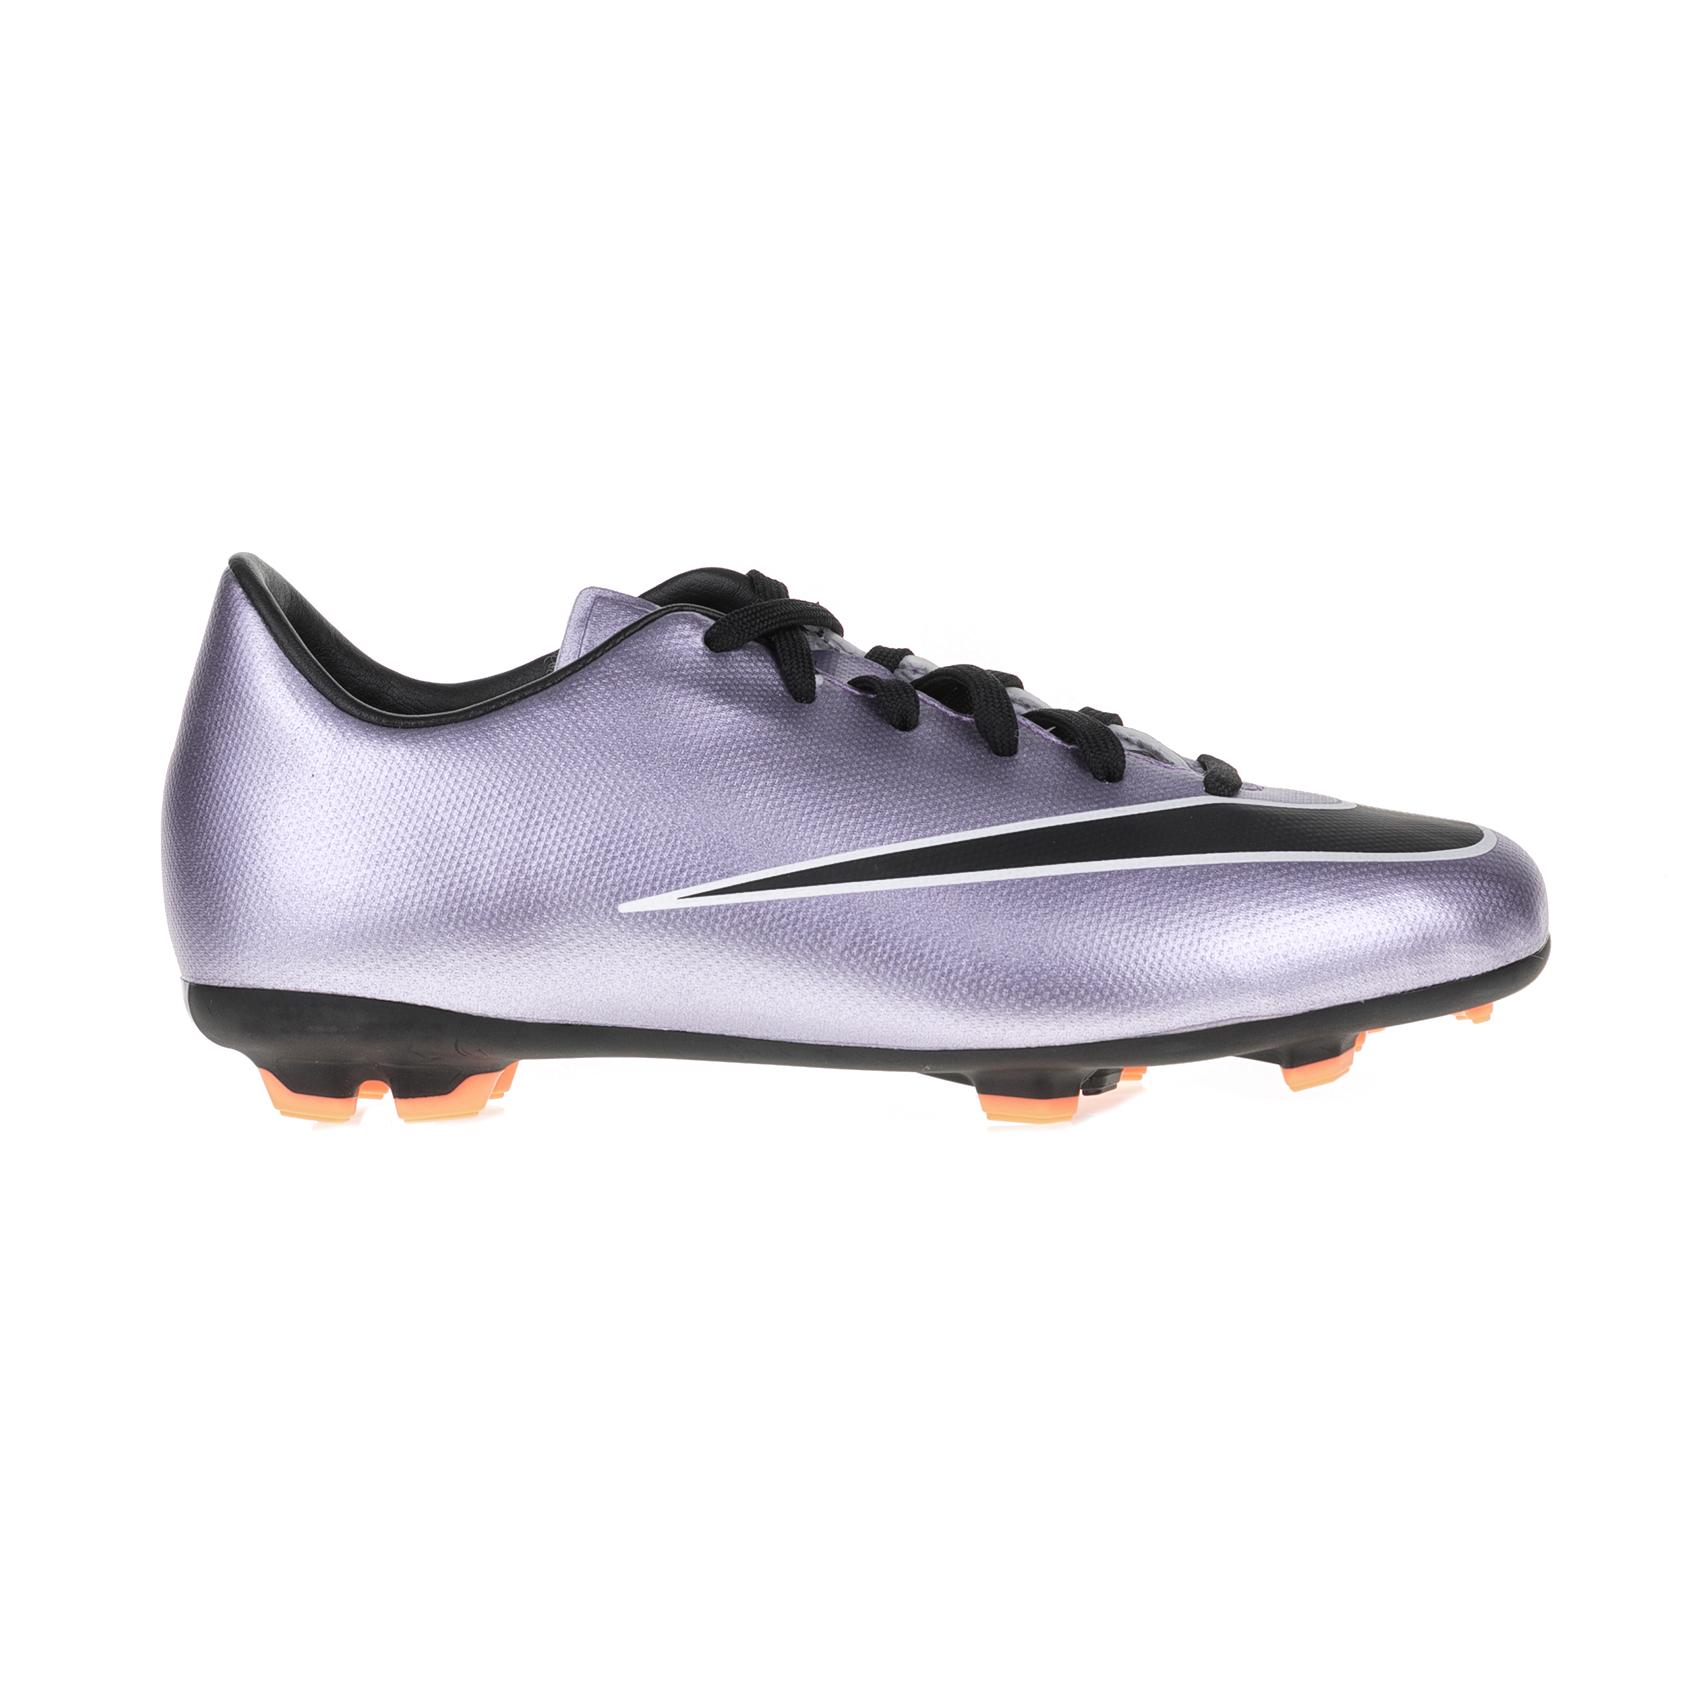 NIKE – Unisex παιδικά παπούτσια ποδοσφαίρου Nike MERCURIAL VICTORY V FG μοβ